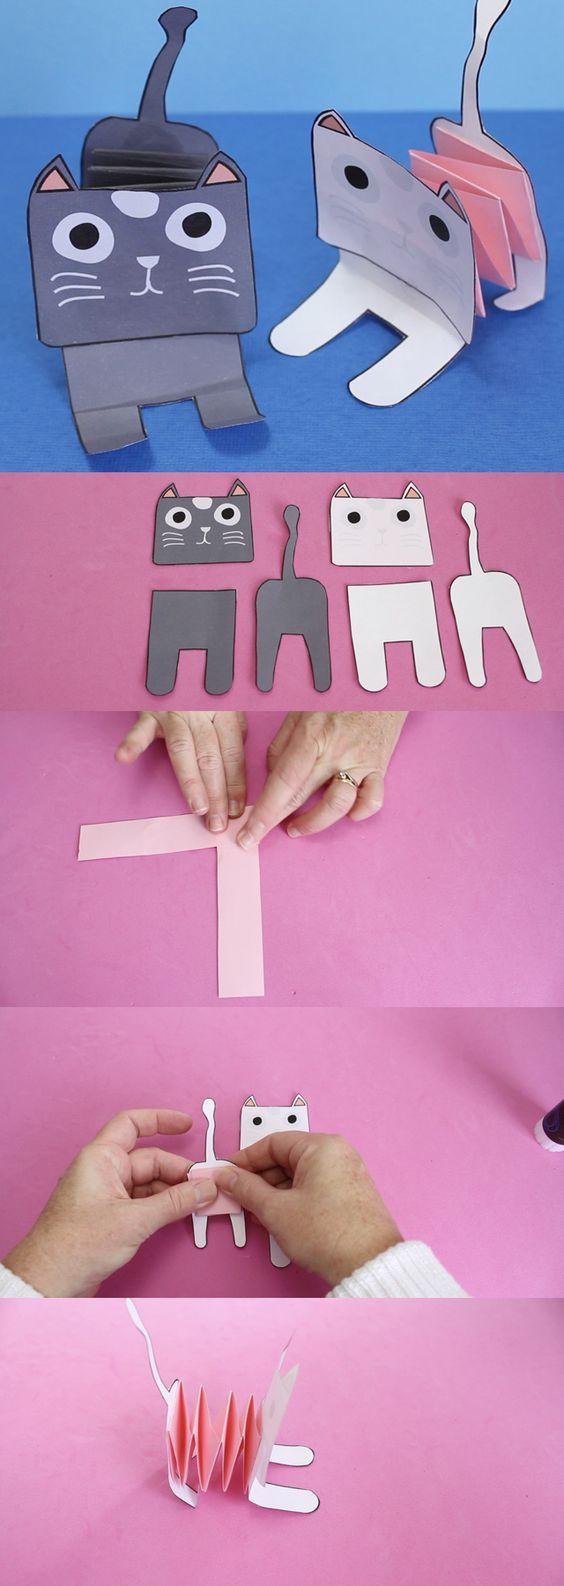 accordion-paper-cat-001